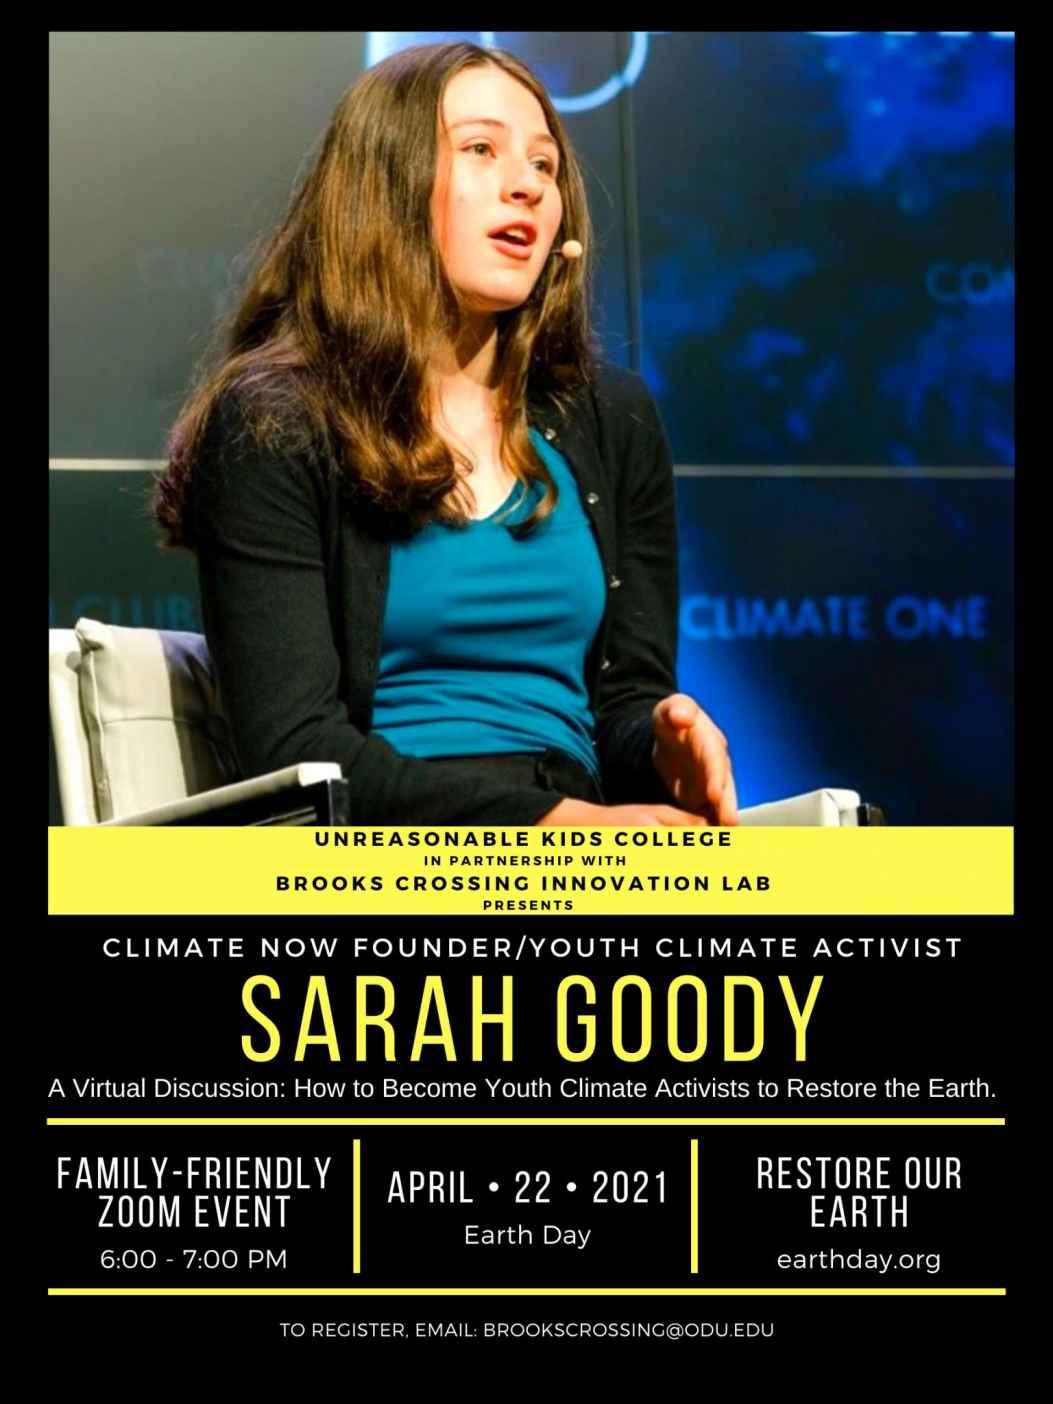 Sarah Goody